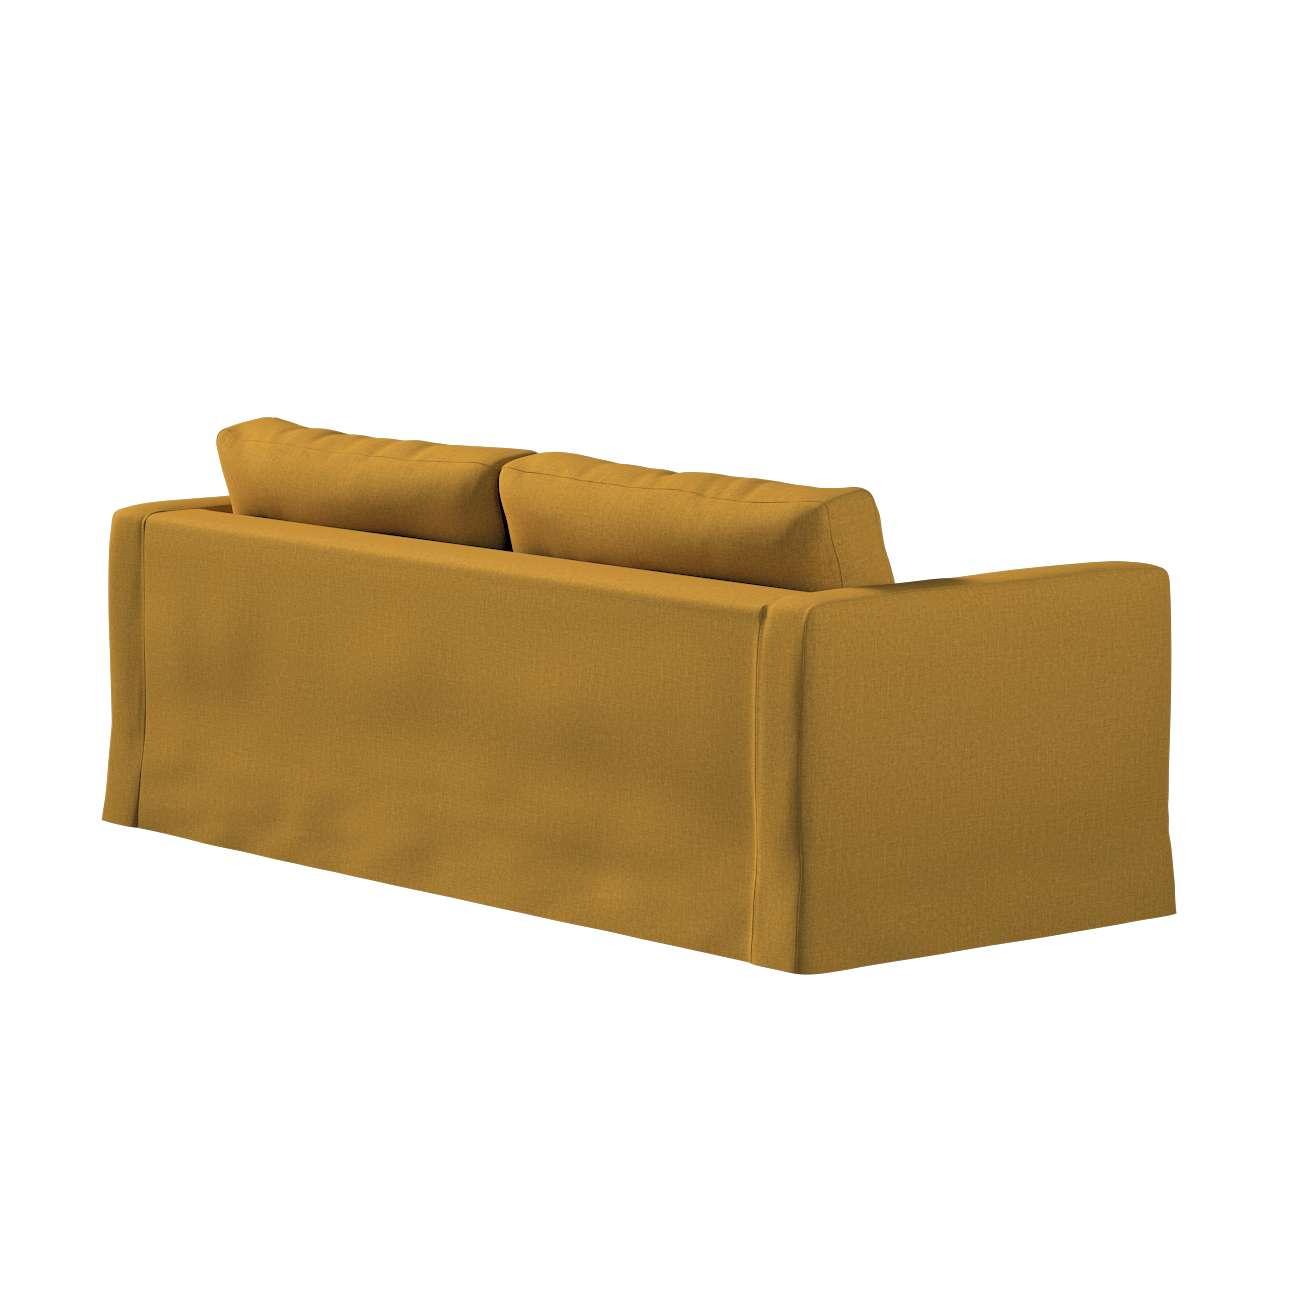 Pokrowiec na sofę Karlstad 3-osobową nierozkładaną, długi w kolekcji City, tkanina: 704-82